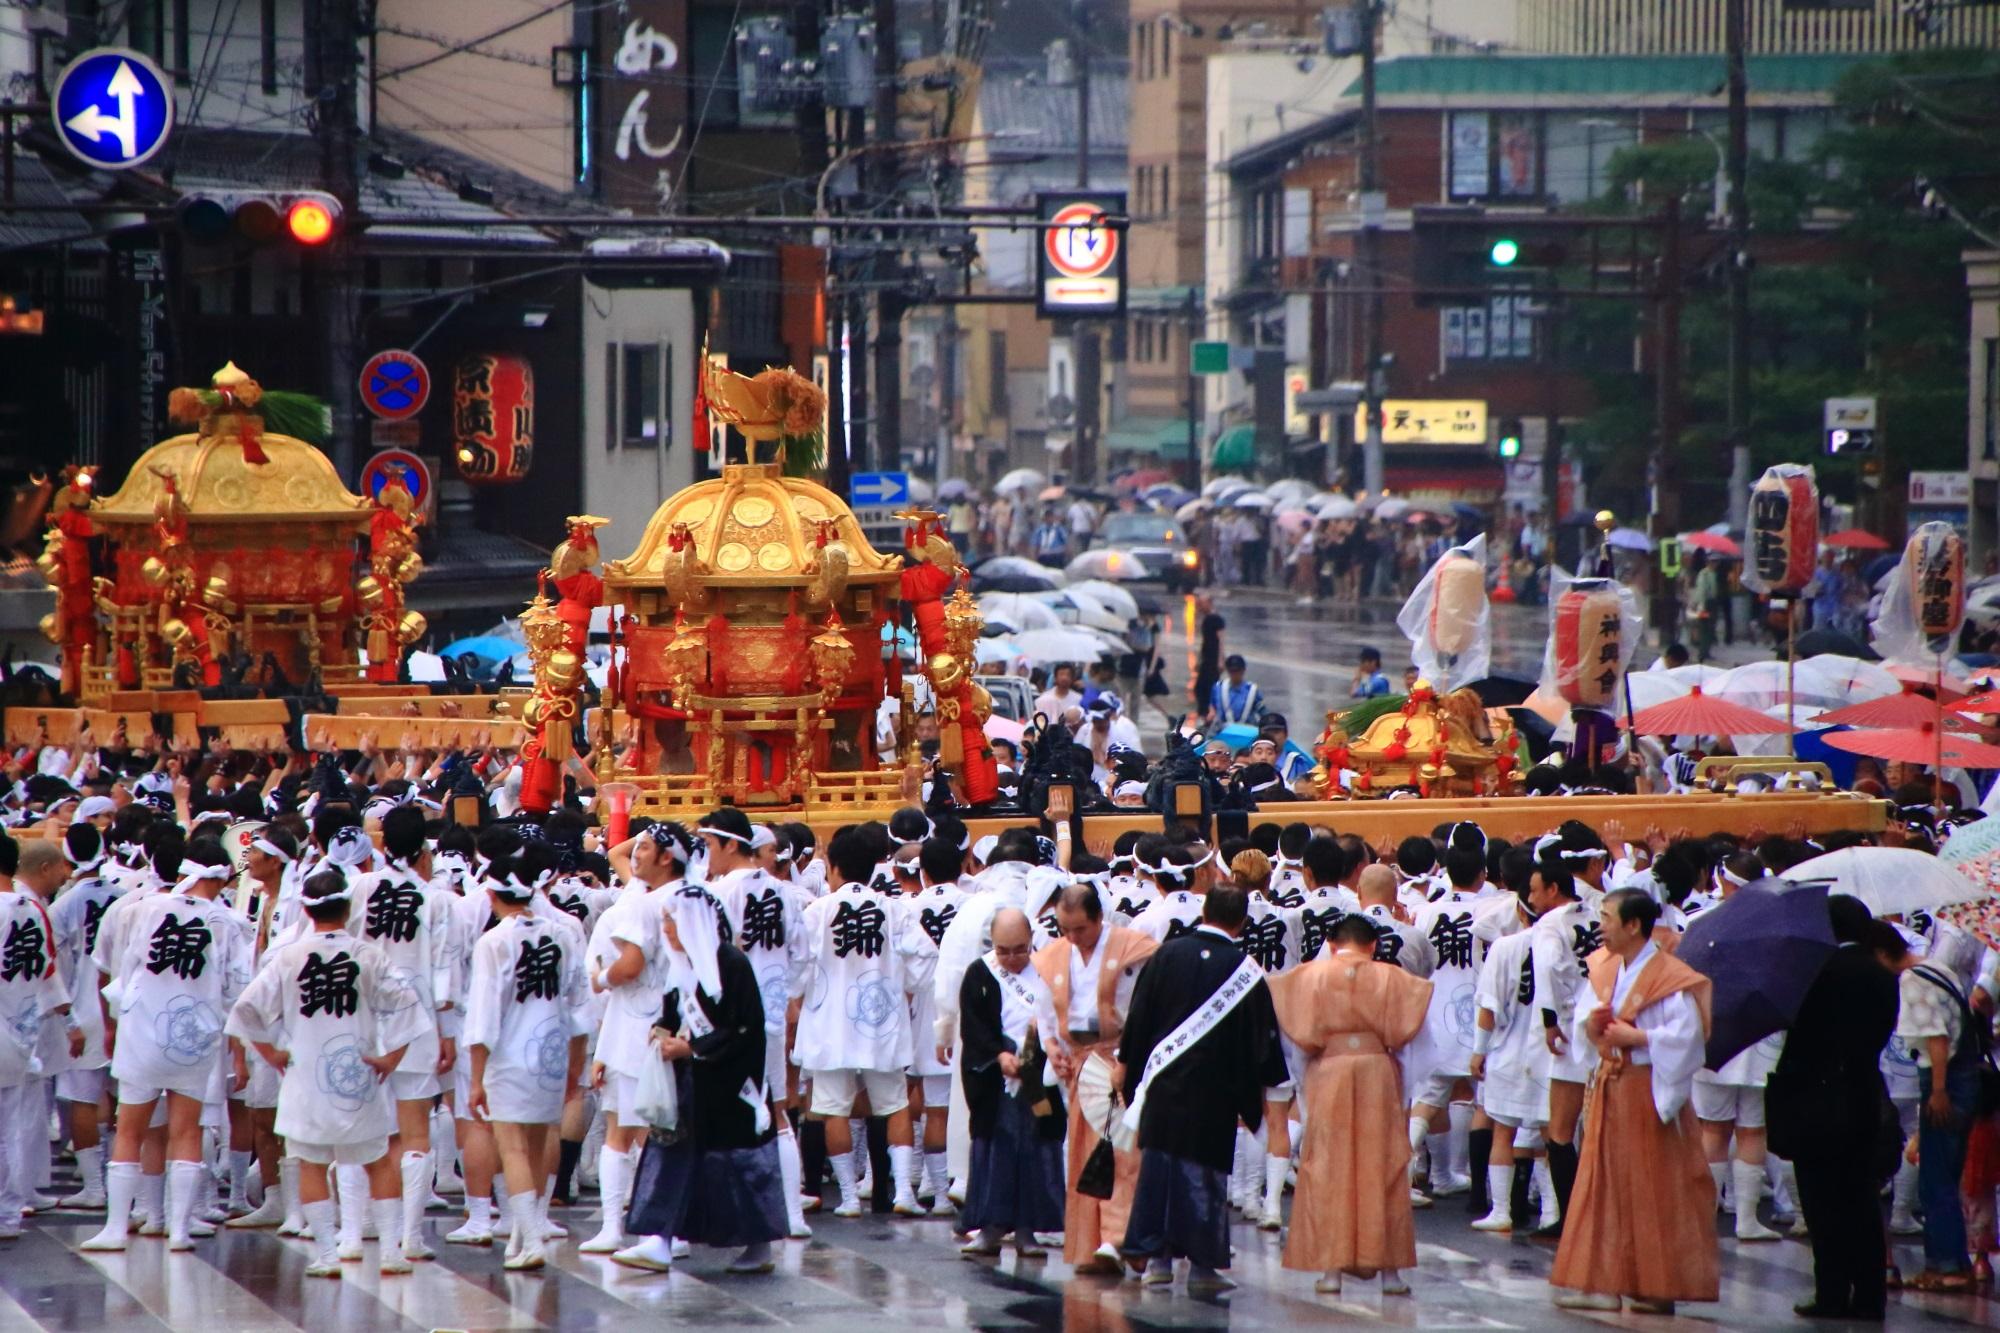 祇園祭の神幸祭の八坂神社前